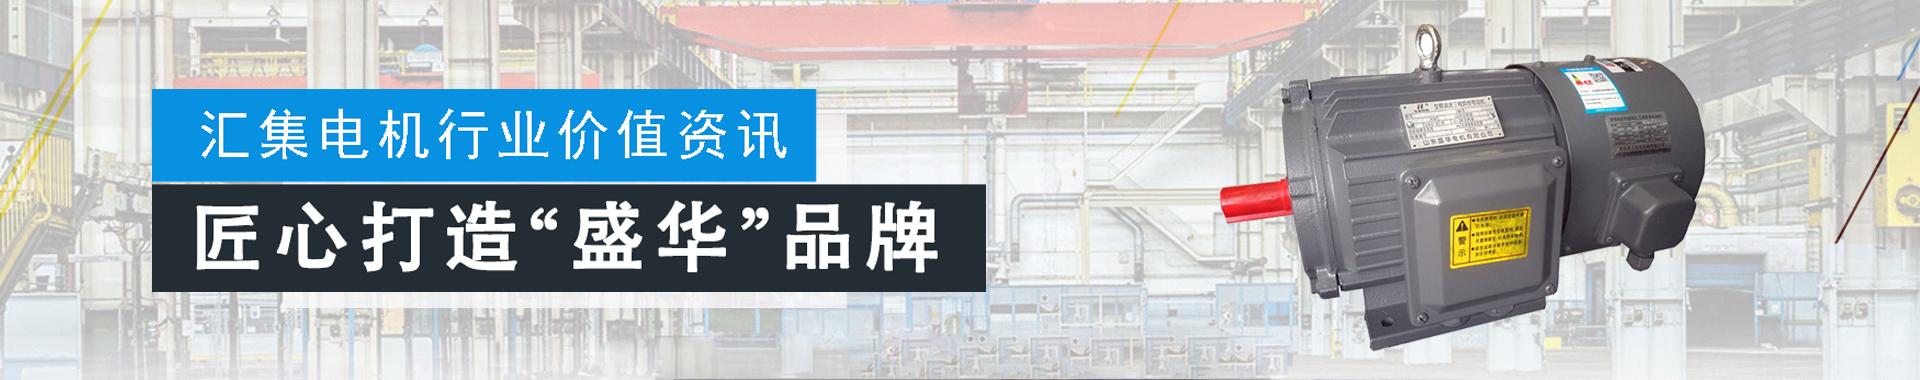 山东盛华电机厂,变频电机生产厂家